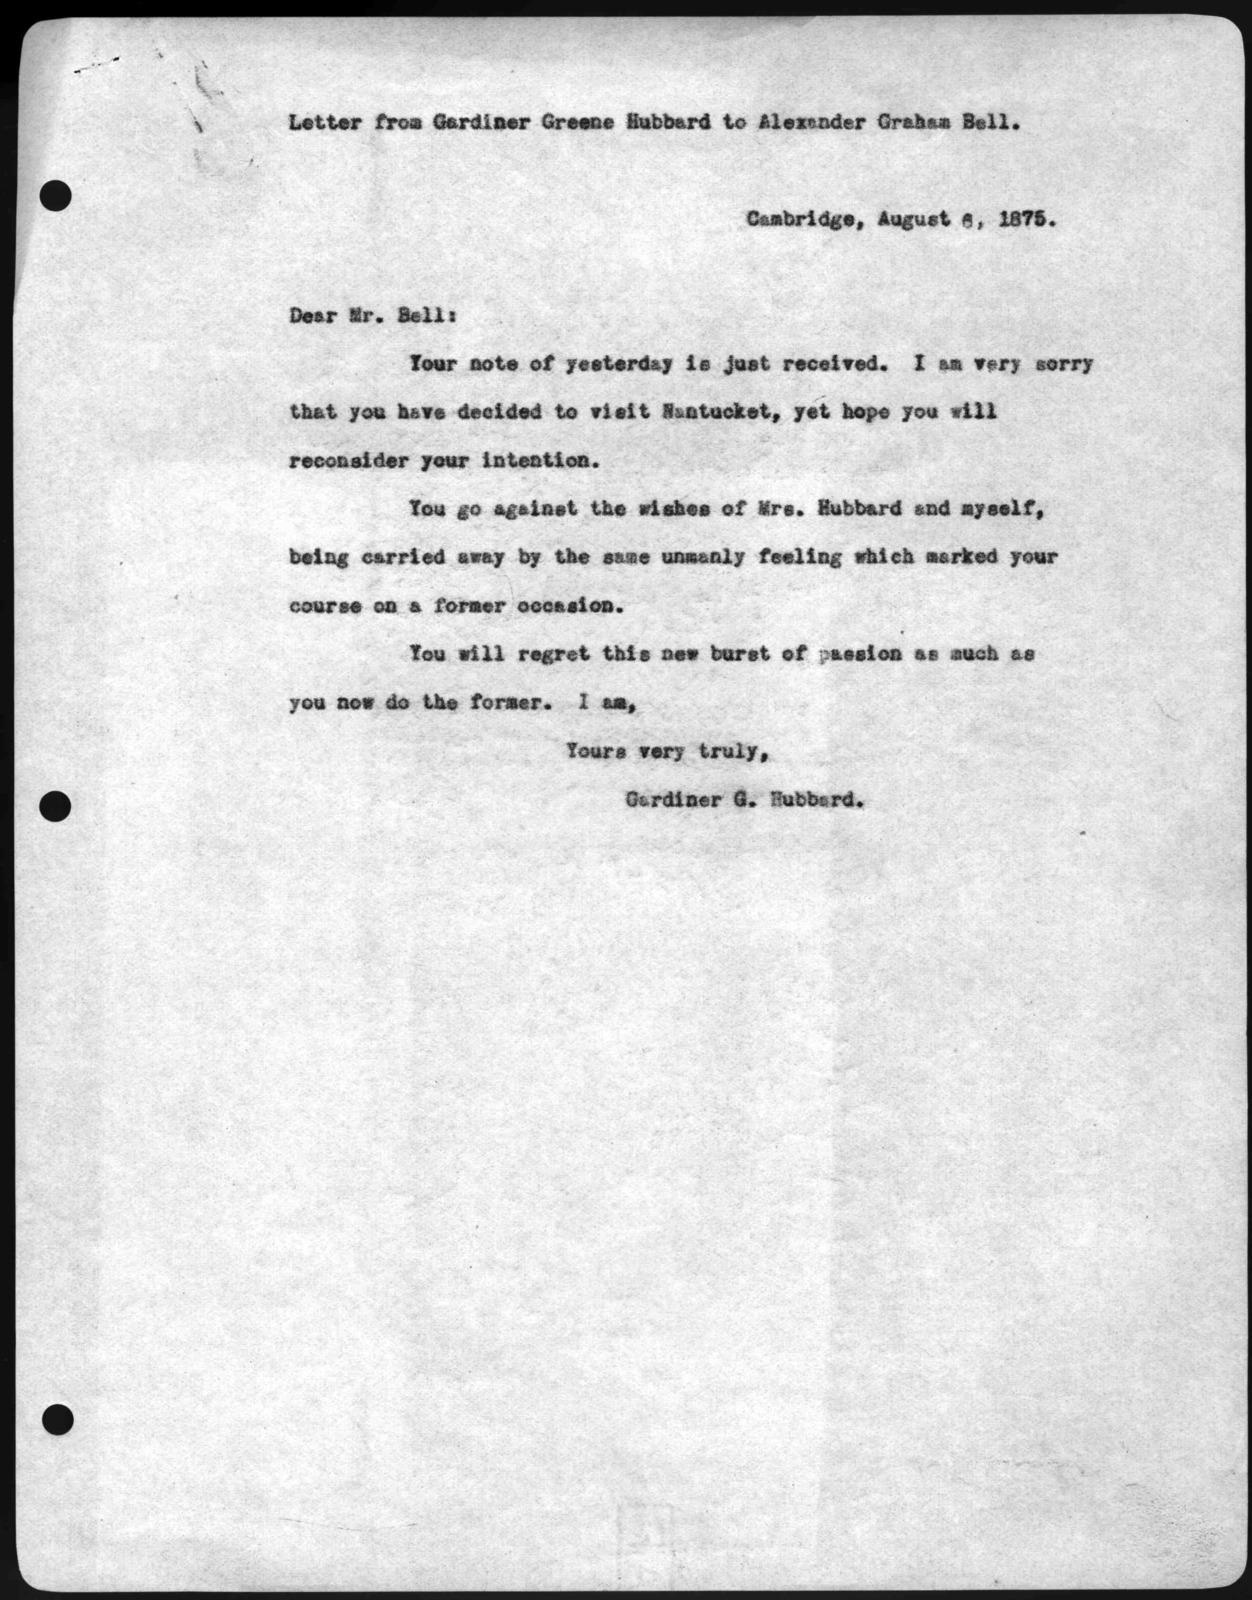 Letter from Gardiner Greene Hubbard to Alexander Graham Bell, August 6, 1875